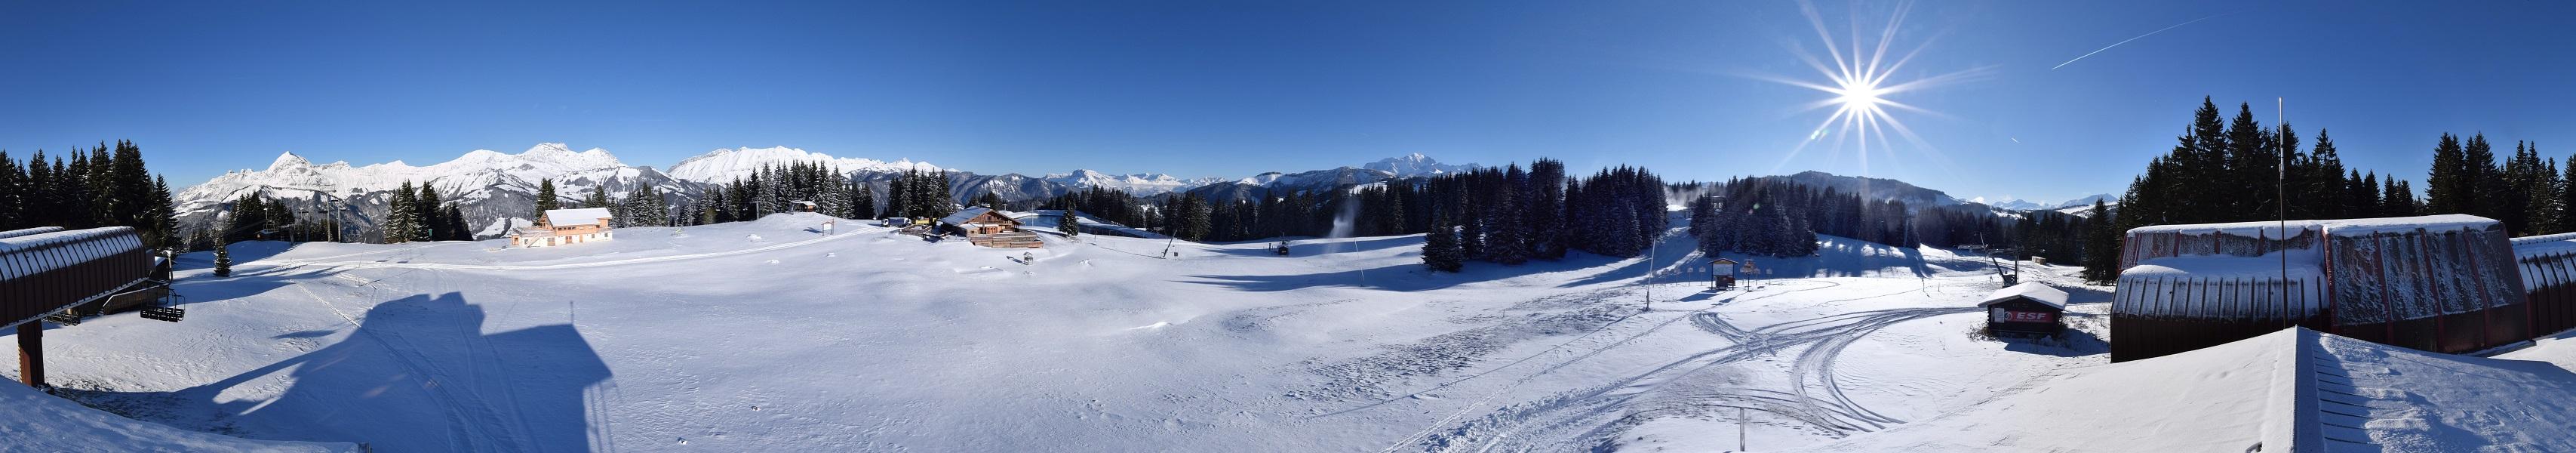 La production de neige de culture a débuté au sommet du Lachat à Crest-Voland...